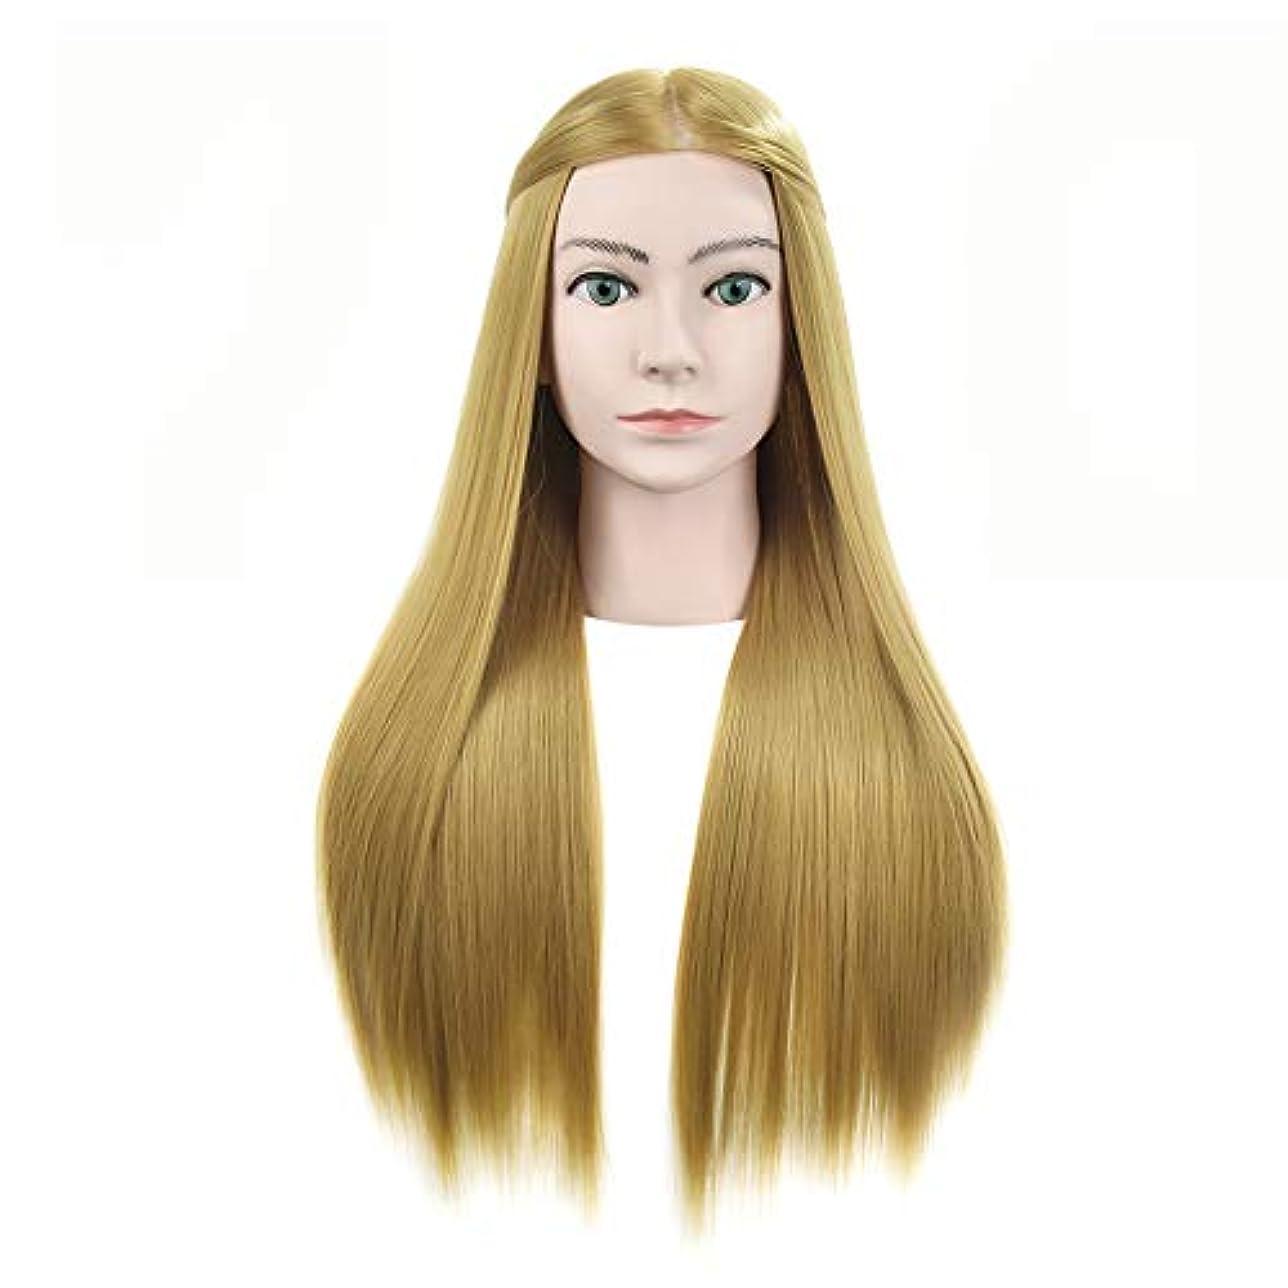 クレデンシャル旅客金貸しメイクディスクヘアスタイリング編み教育ダミーヘッドサロンエクササイズヘッド金型理髪ヘアカットトレーニングかつら